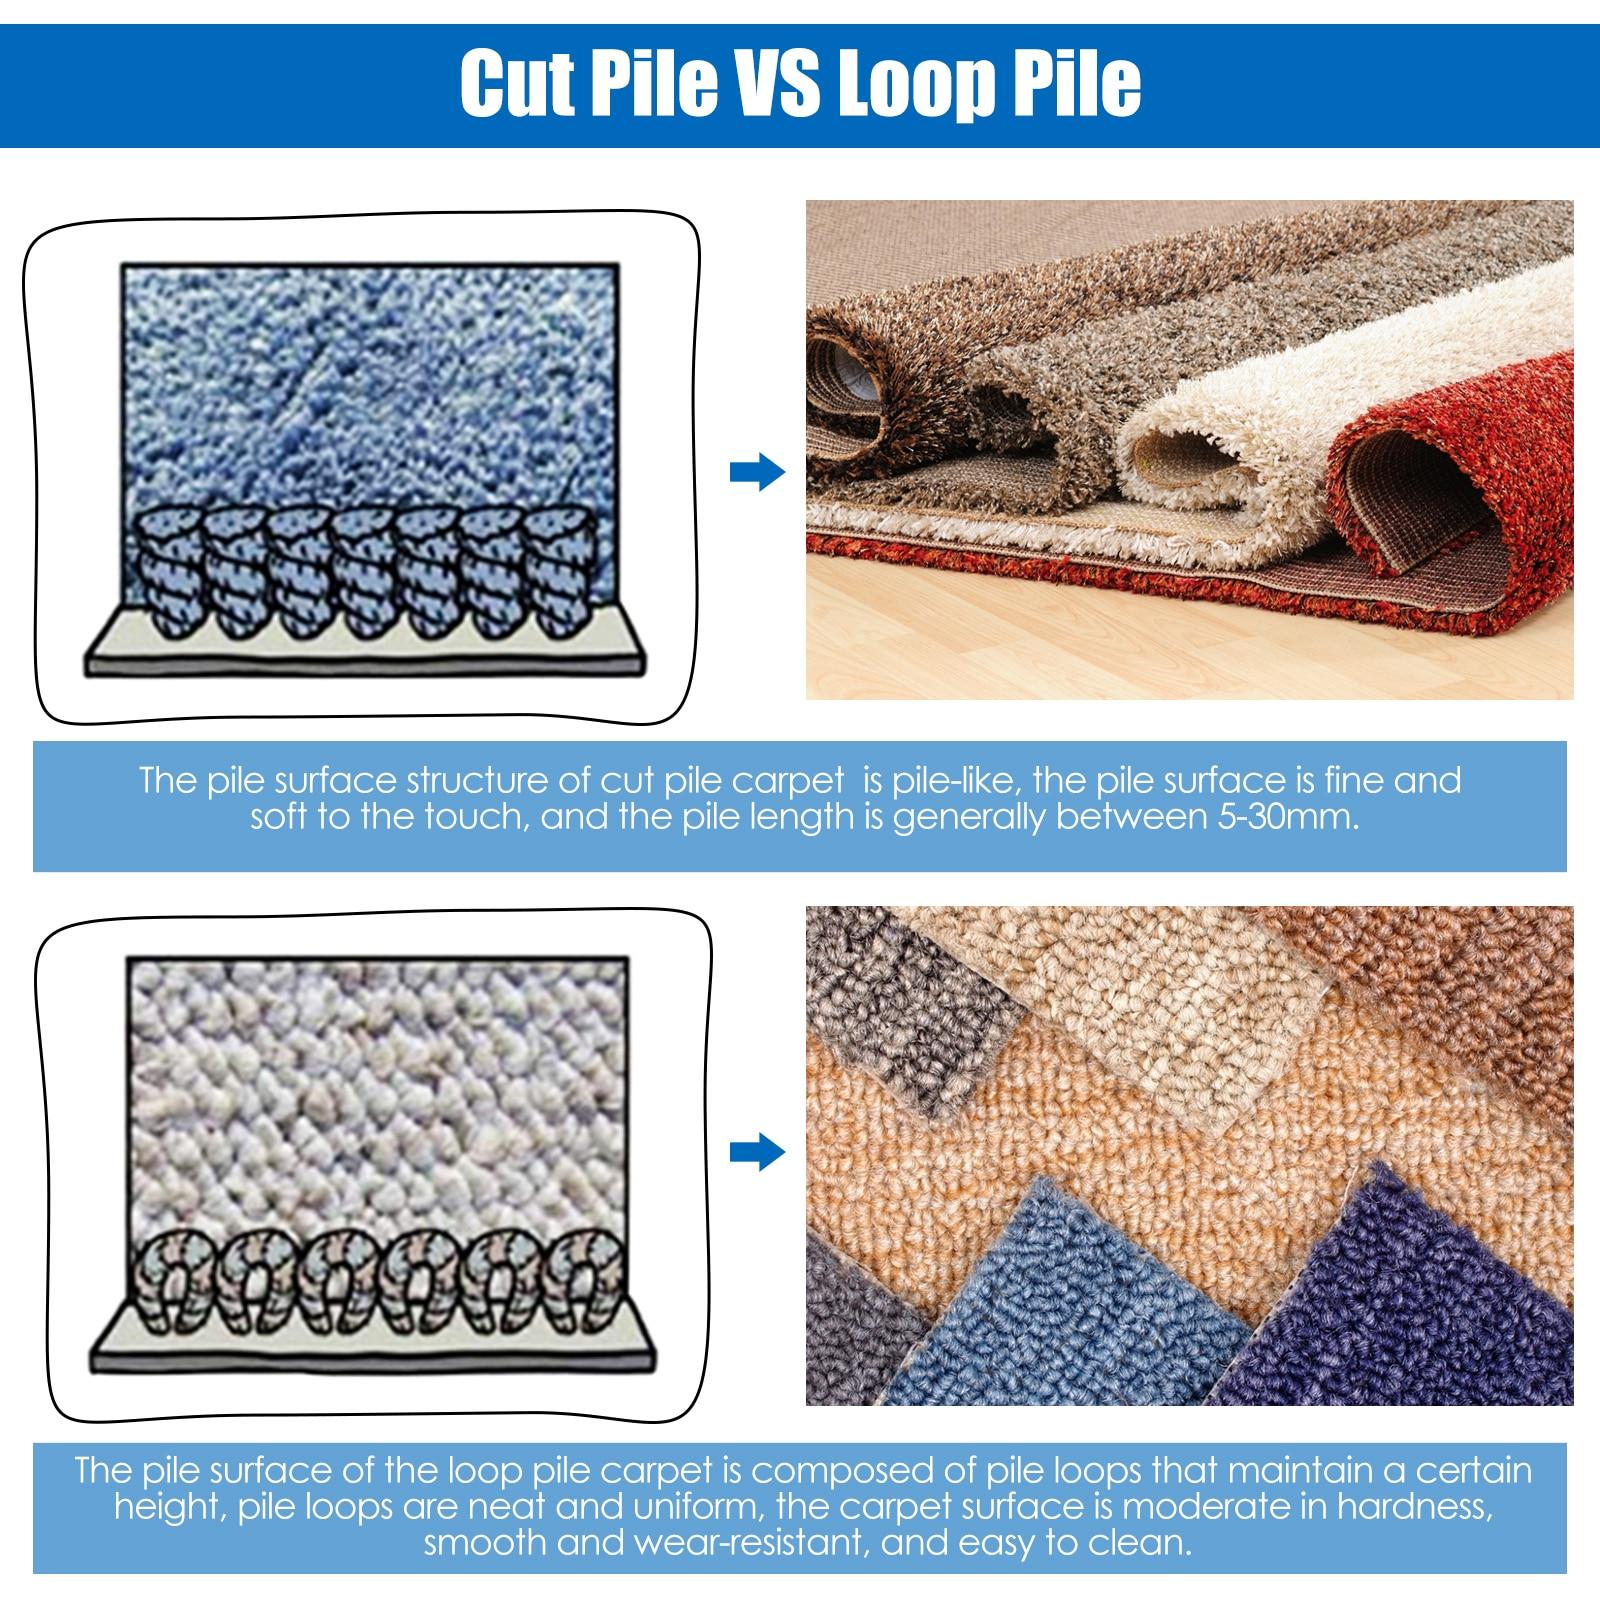 Cut Pile Loop Pile Electric Carpet Tufting Gun Carpet Weaving Machine Flocking Machine Industrial Embroidery Knitting Machine enlarge